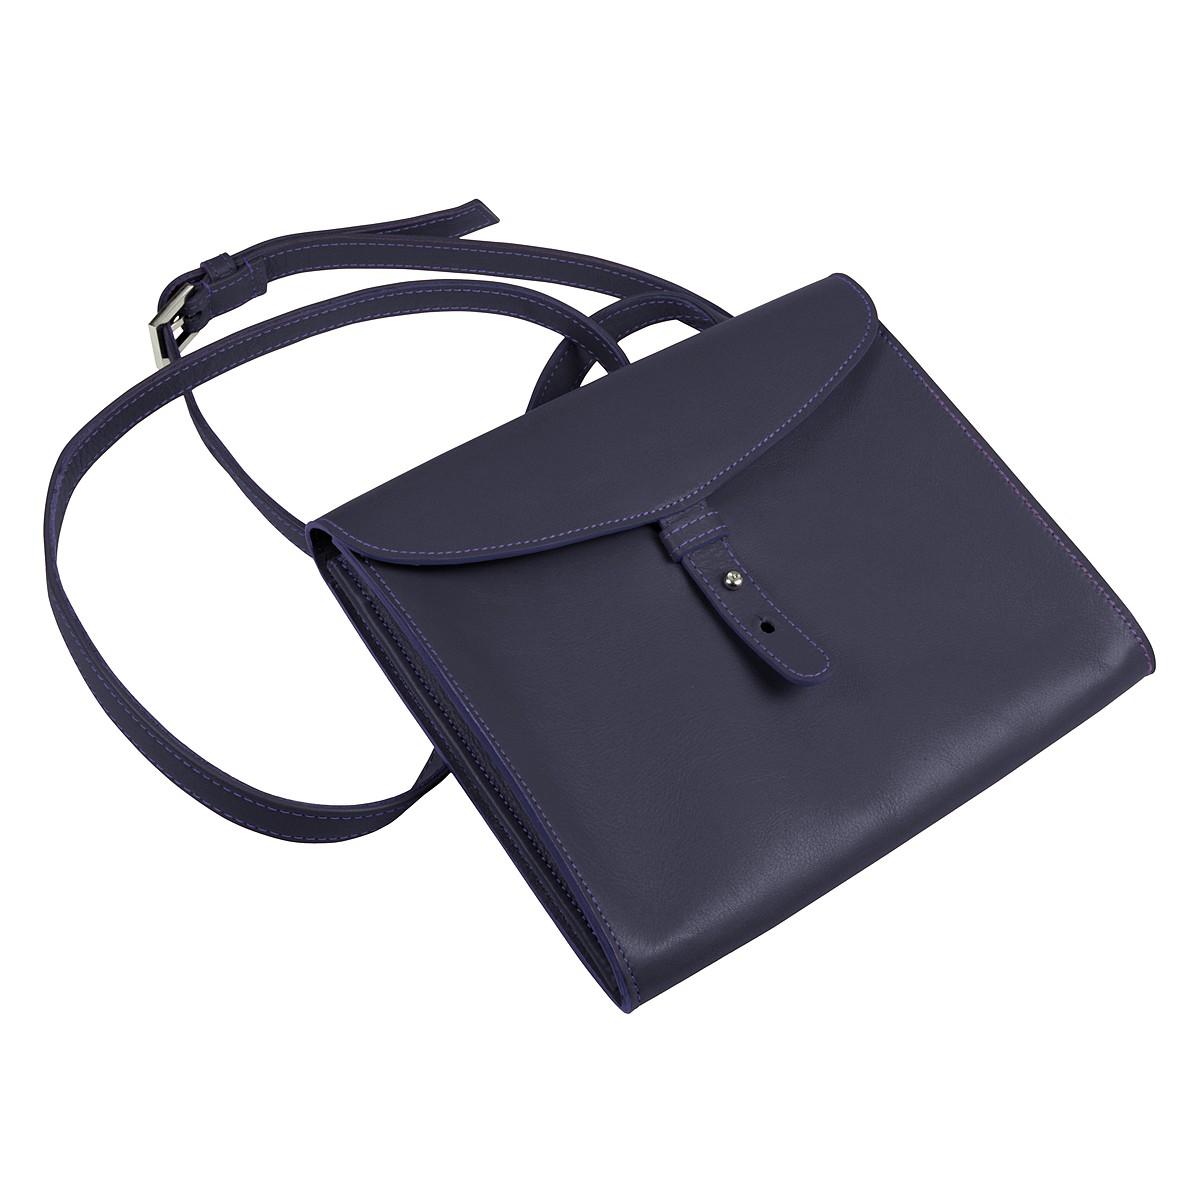 Vintage Messenger bag for women